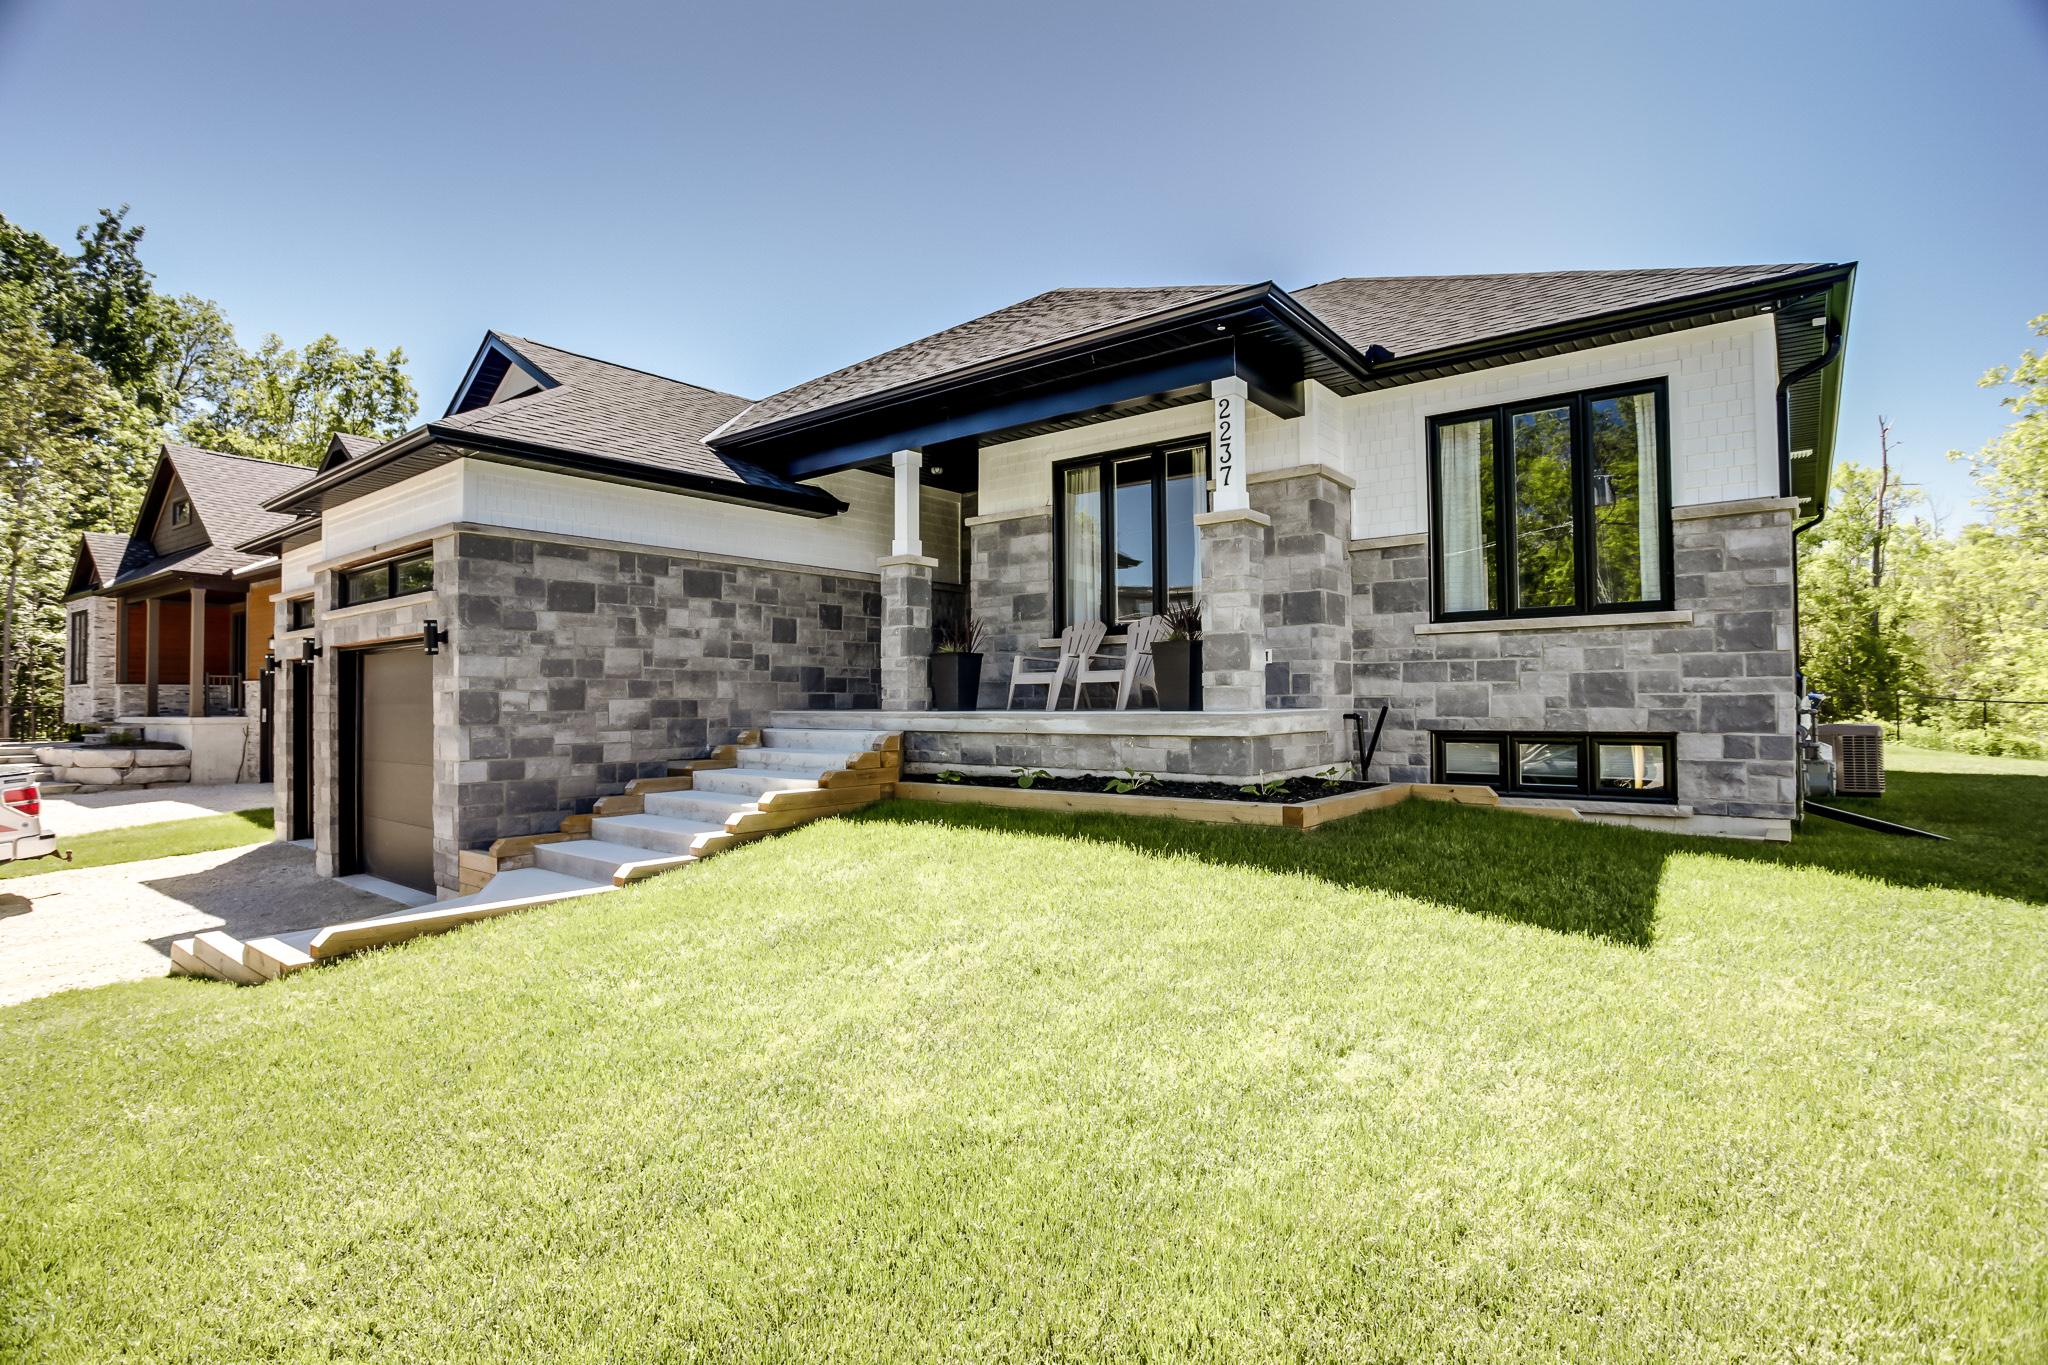 029-VanderMeer-Homes-websize-1630.jpg